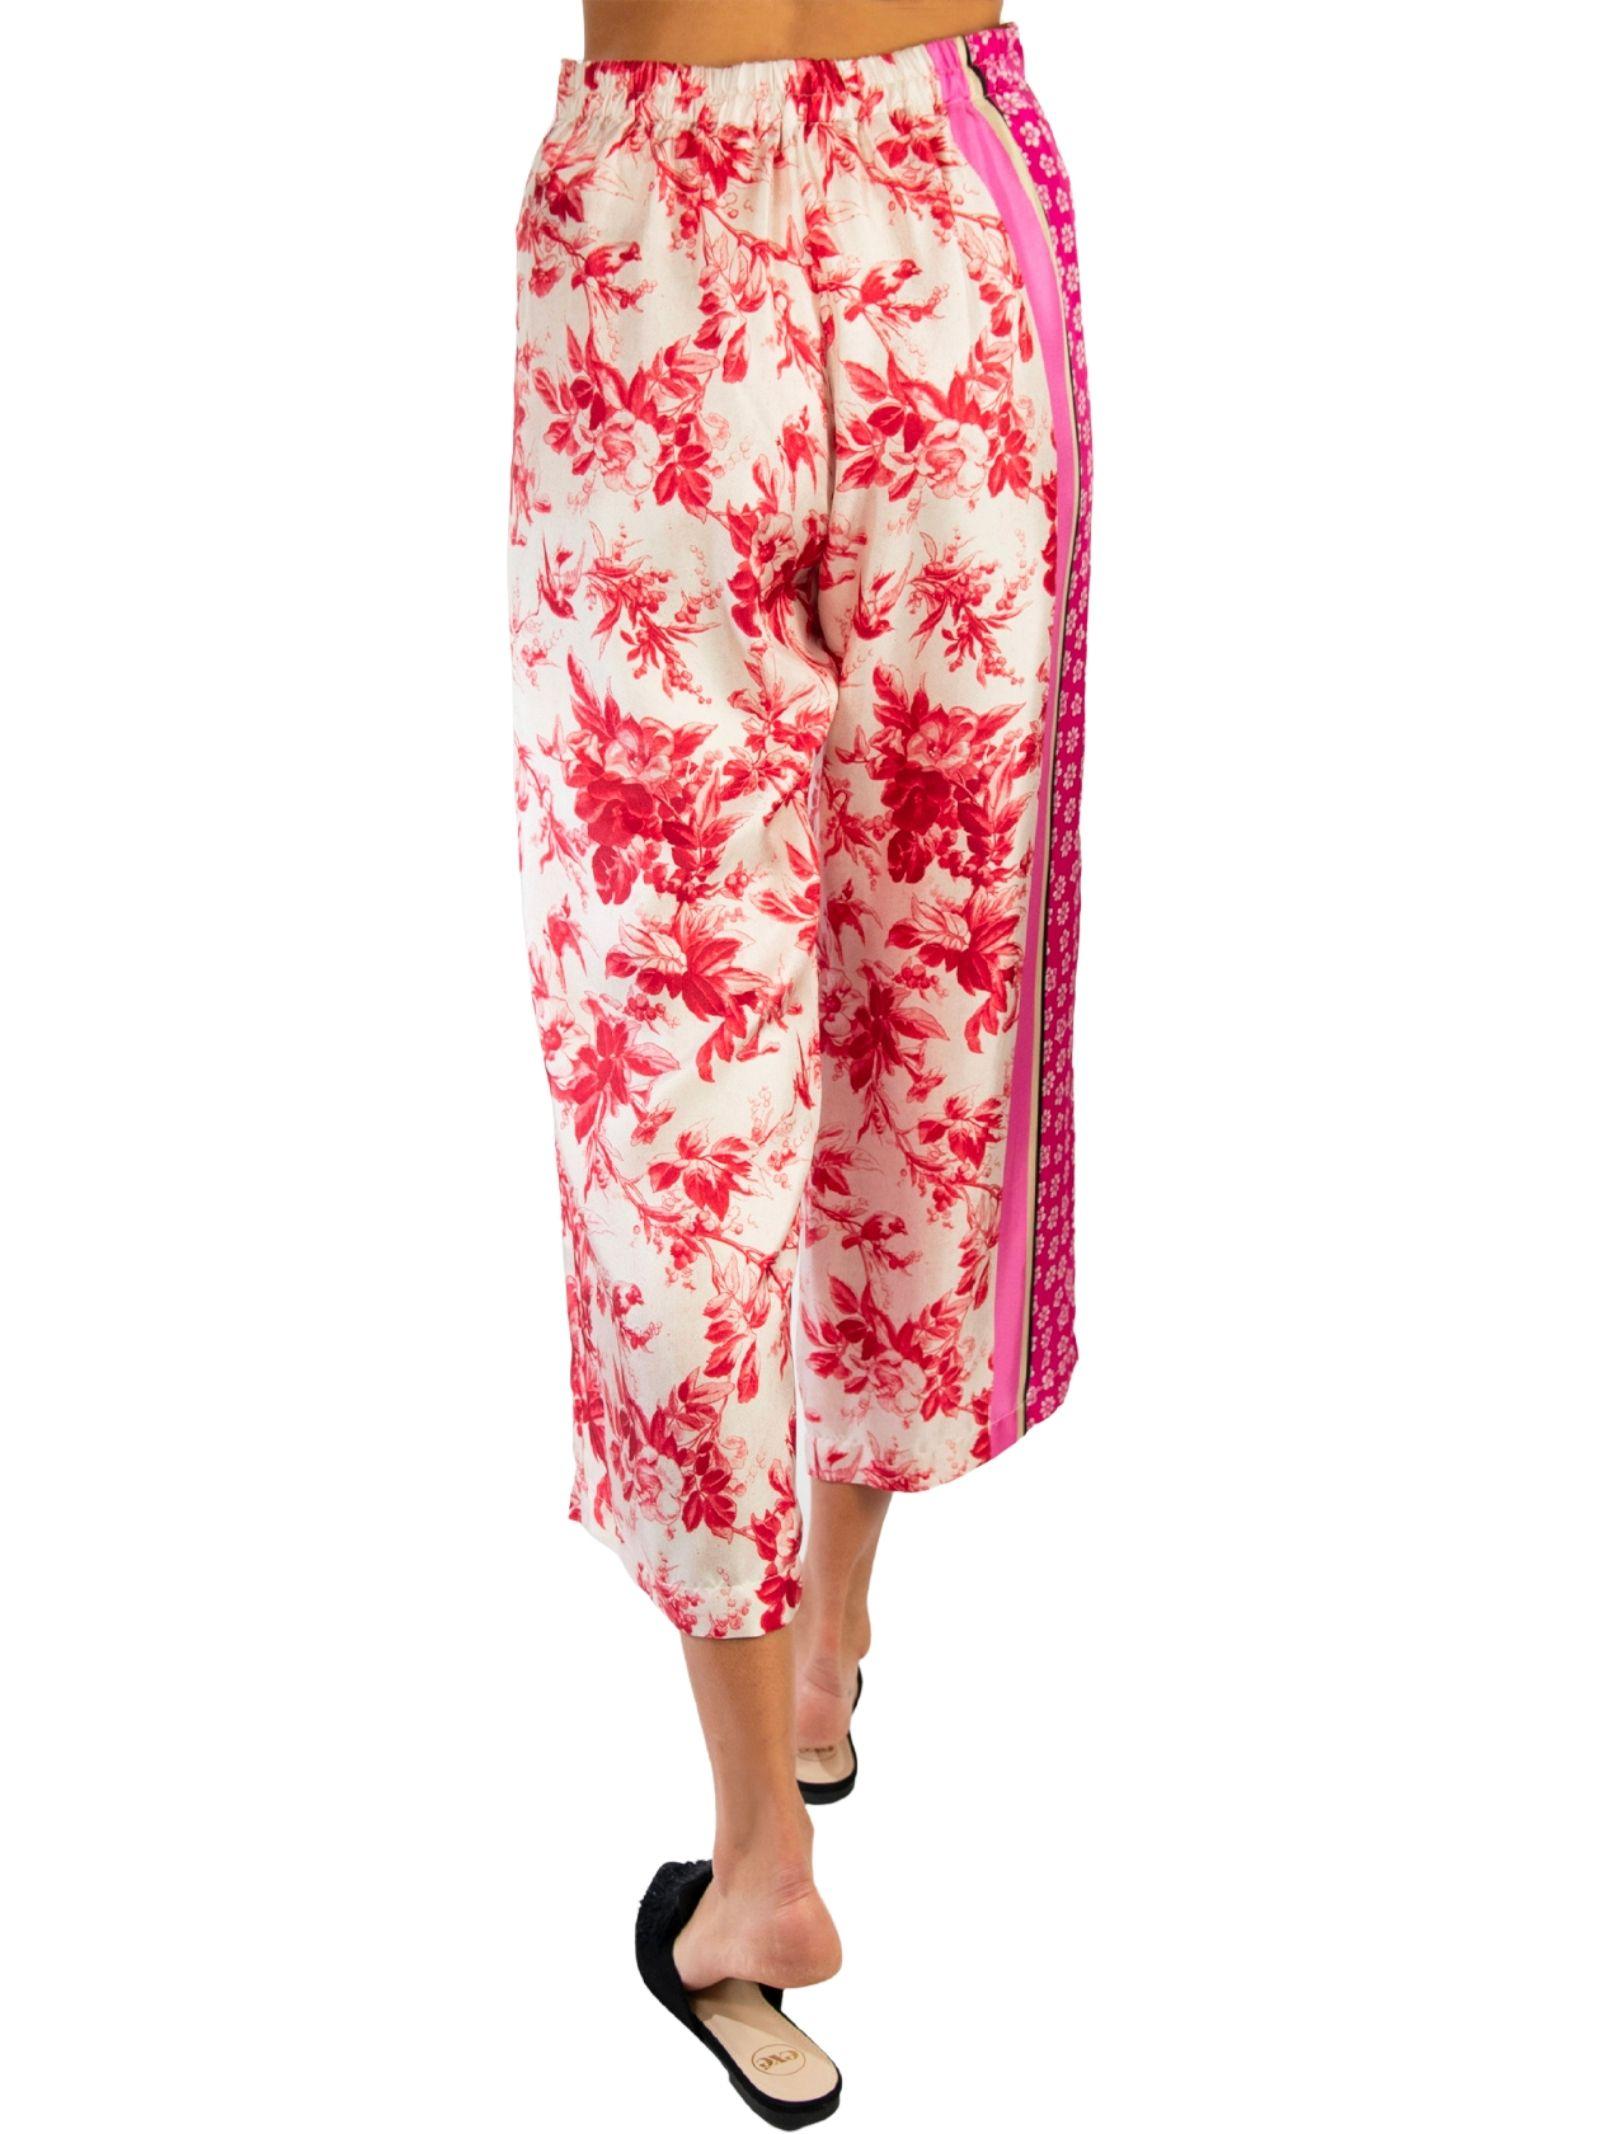 Abbigliamento Donna Pantalone Fantasia Collection Print in Pura Seta Rosa e Rosso Maliparmi   Gonne e Pantaloni   JH720030091B3242